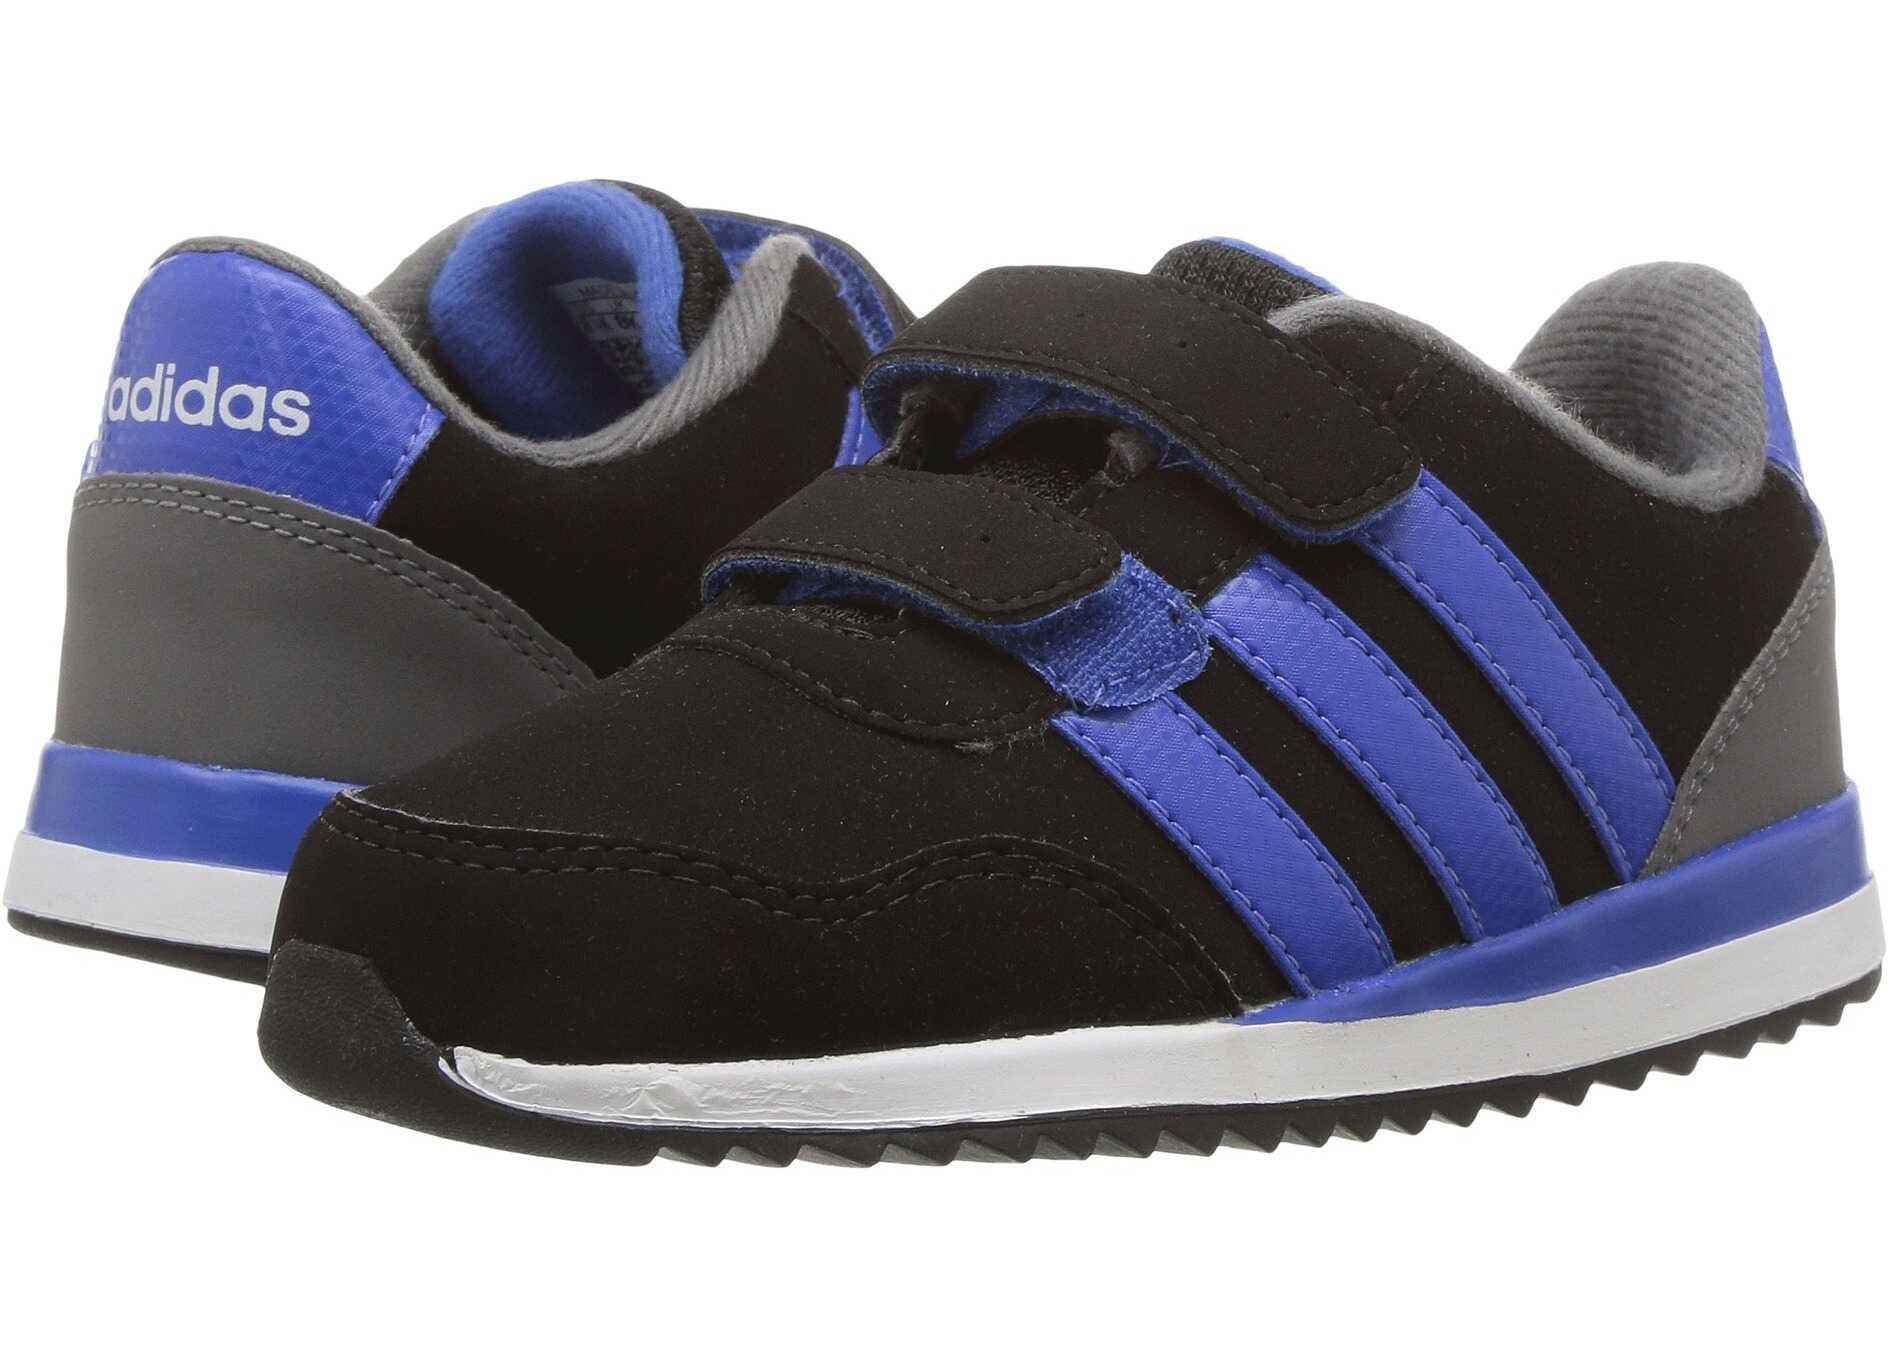 adidas Kids V Jog CMF (Infant/Toddler) Core Black/Blue/Grey Four